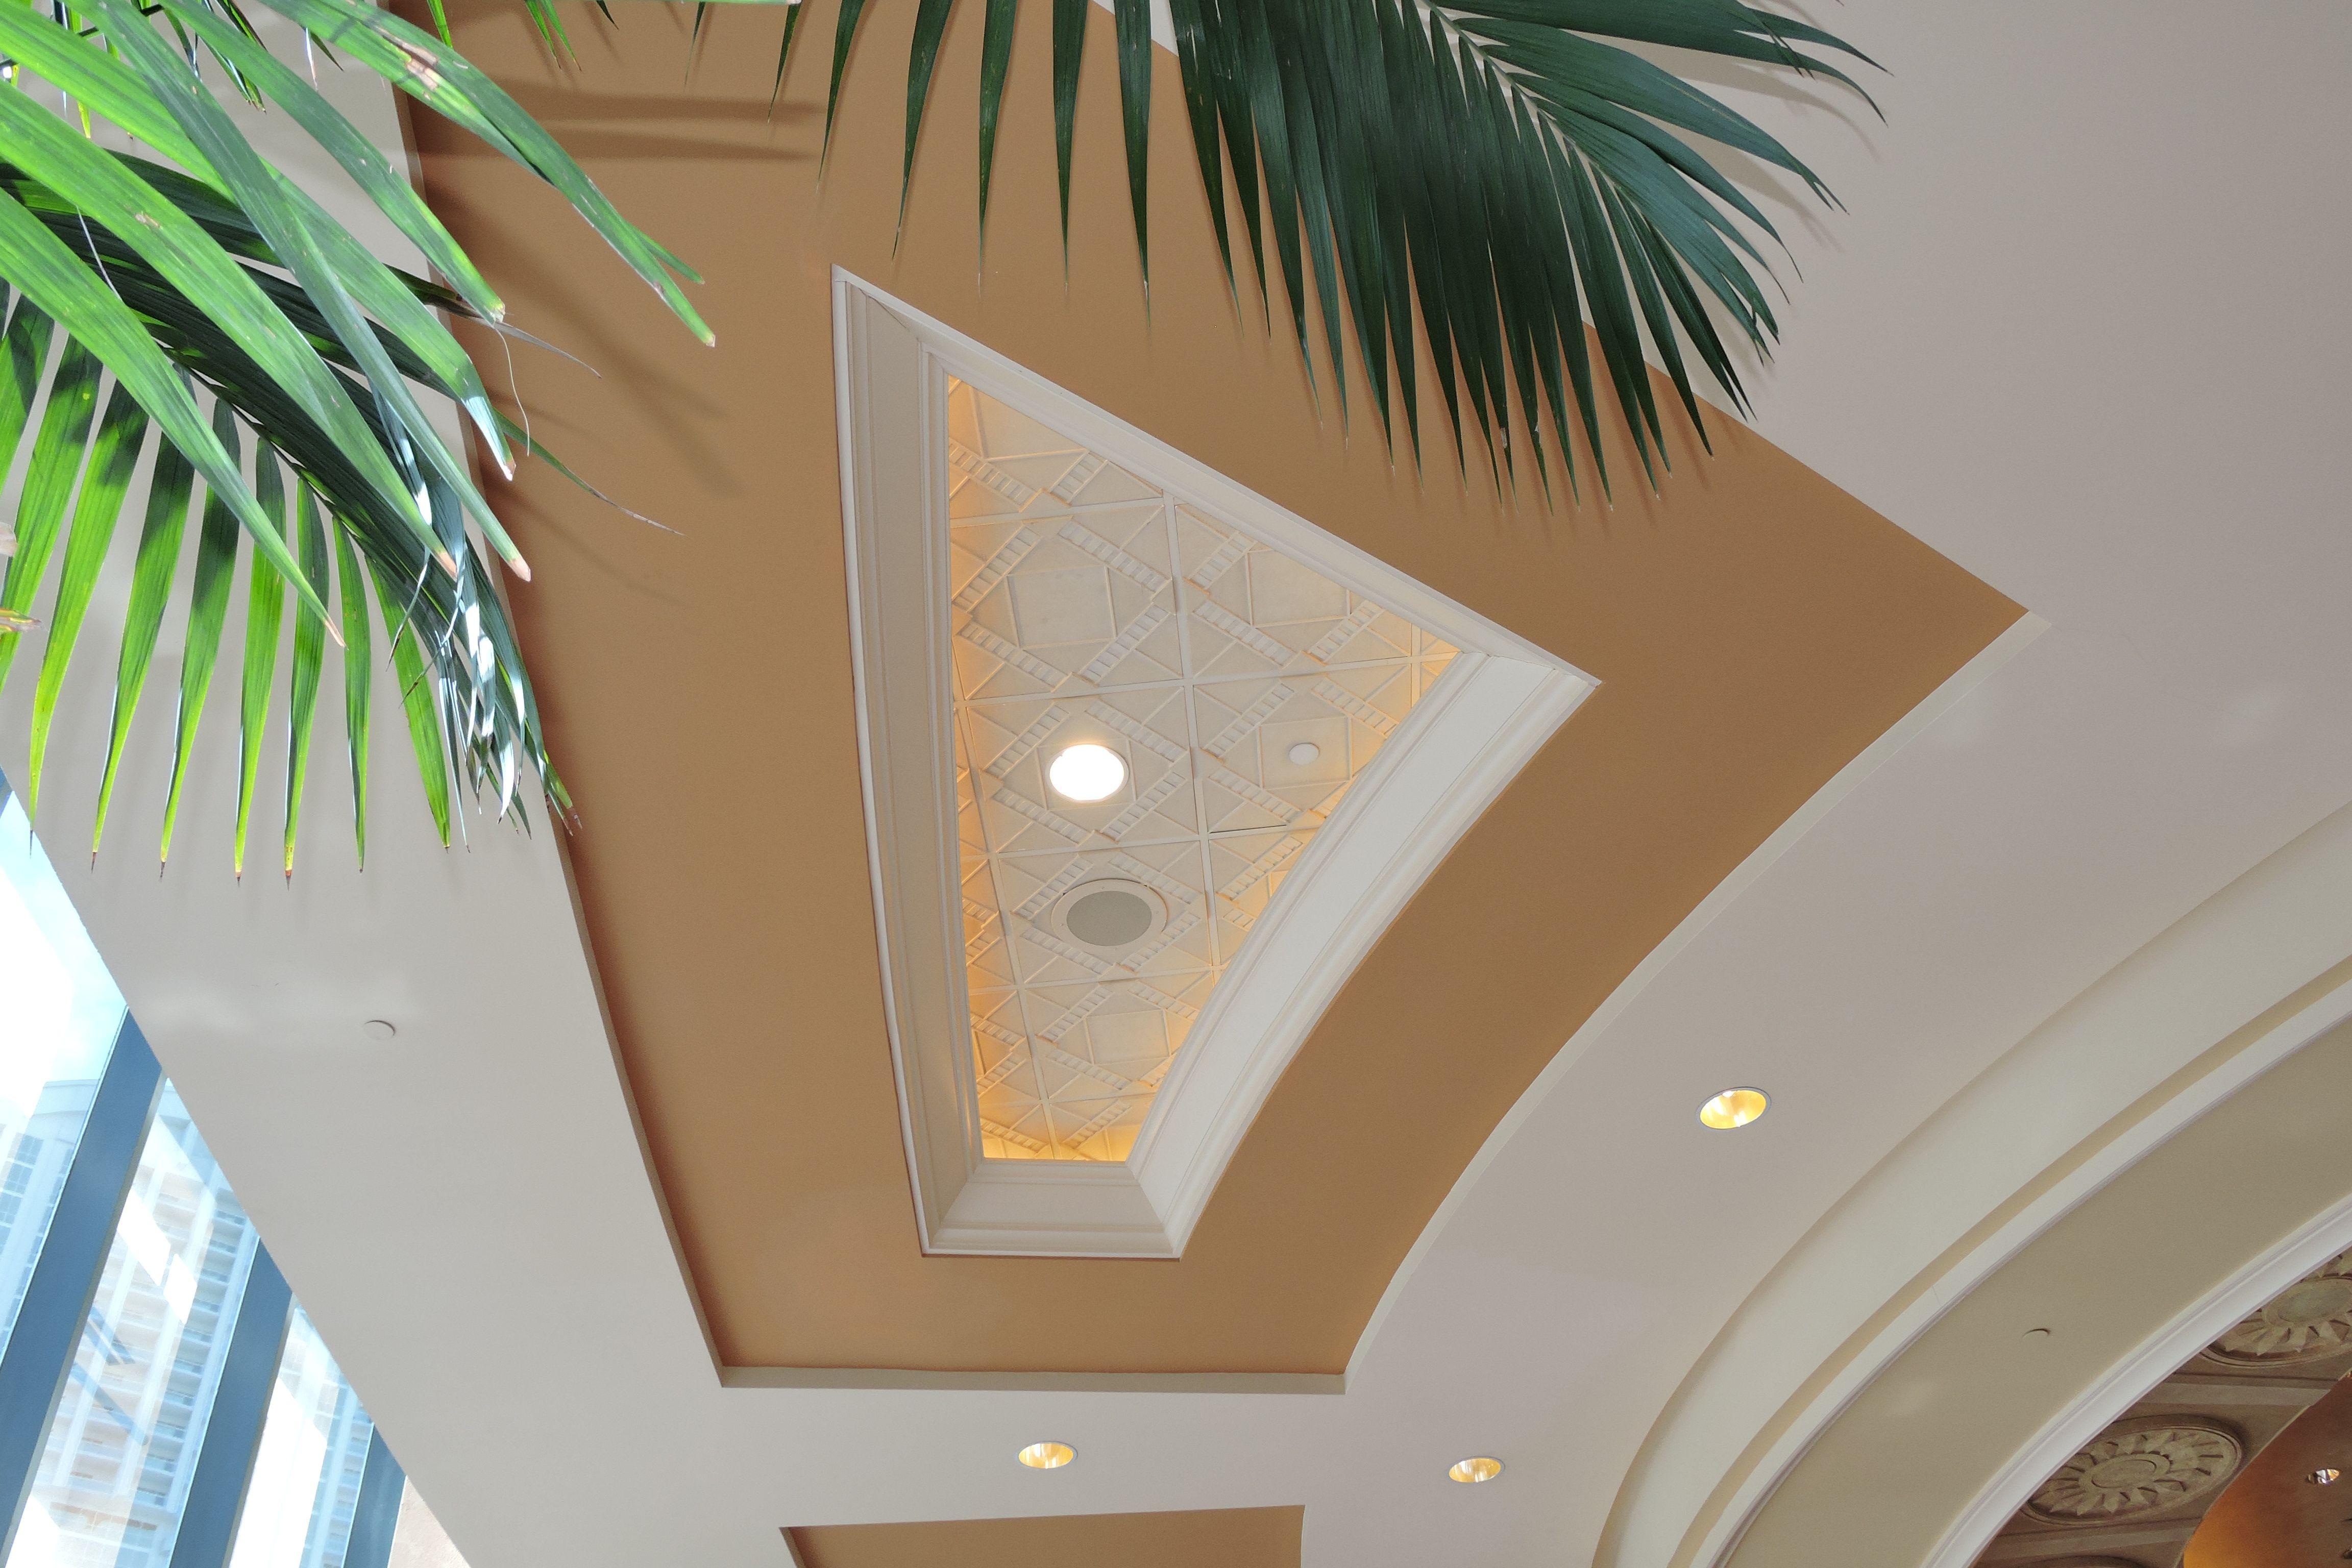 mgm grand conference center las vegas nv art deco 2 ceiling tile tl 0027 mgm grand. Black Bedroom Furniture Sets. Home Design Ideas